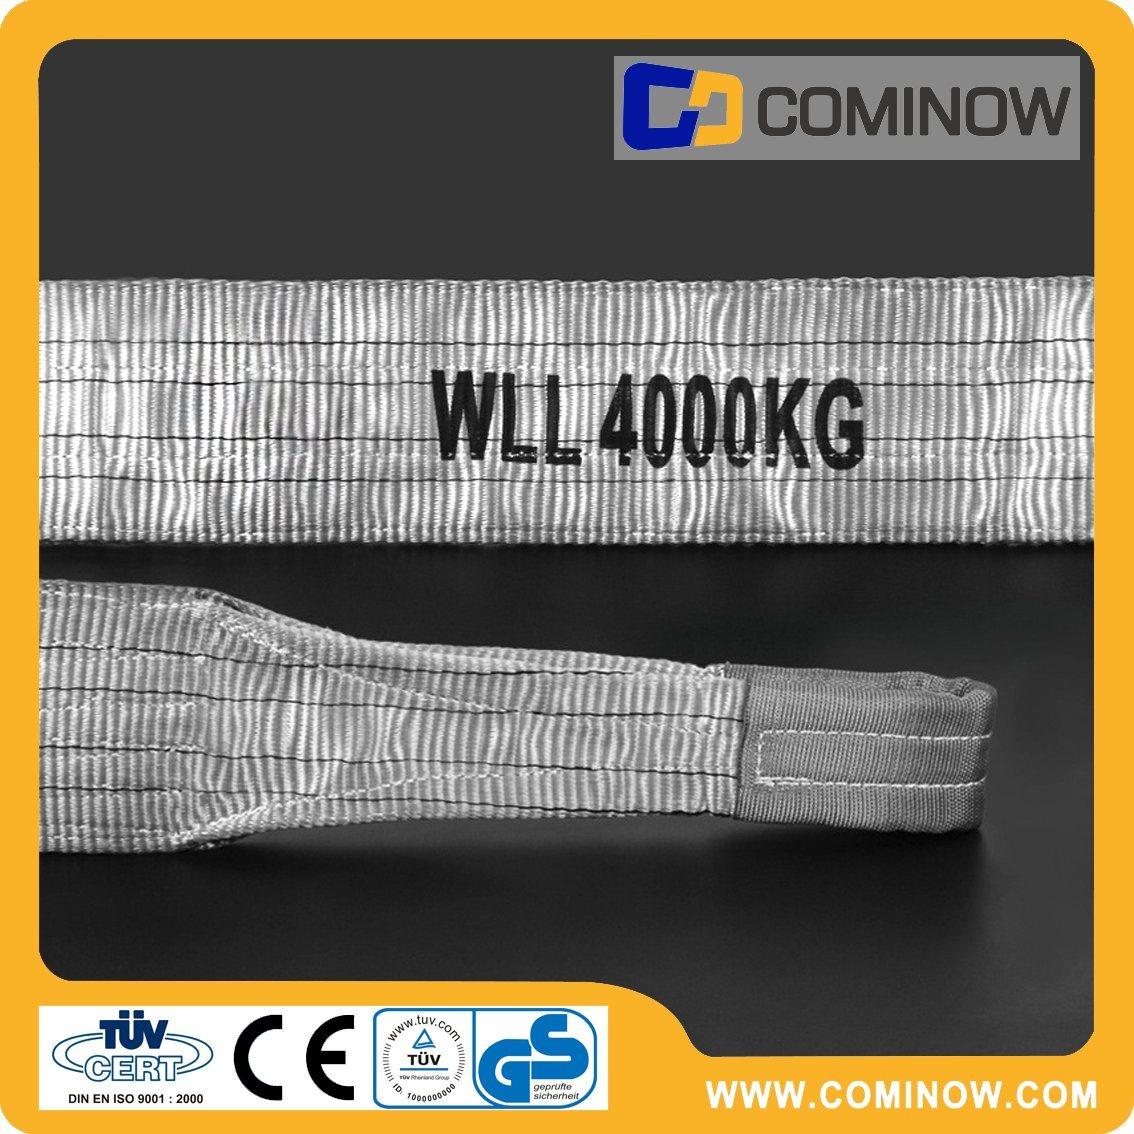 4000kgs Polyester Flat Webbing Slings Double Ply Eye to Eye Type En1492-1 with Ce&GS